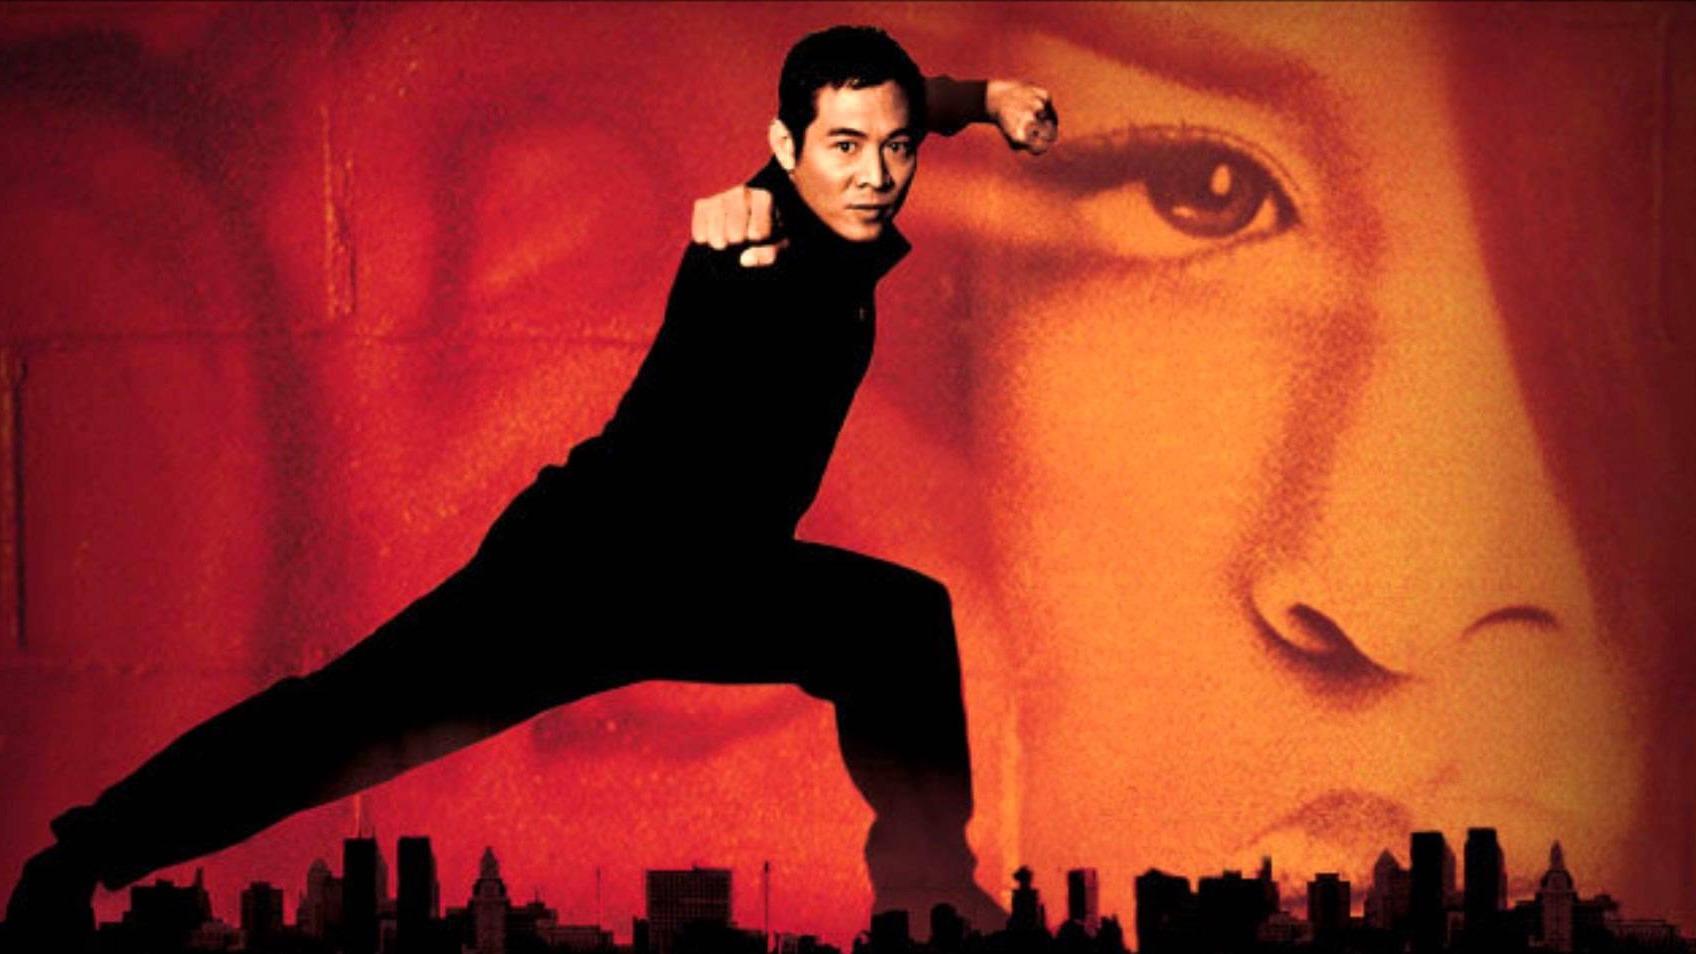 حرب عصابات و«آل باتشينو» مُدرب كرة قدم في أفلام سهرة الثلاثاء